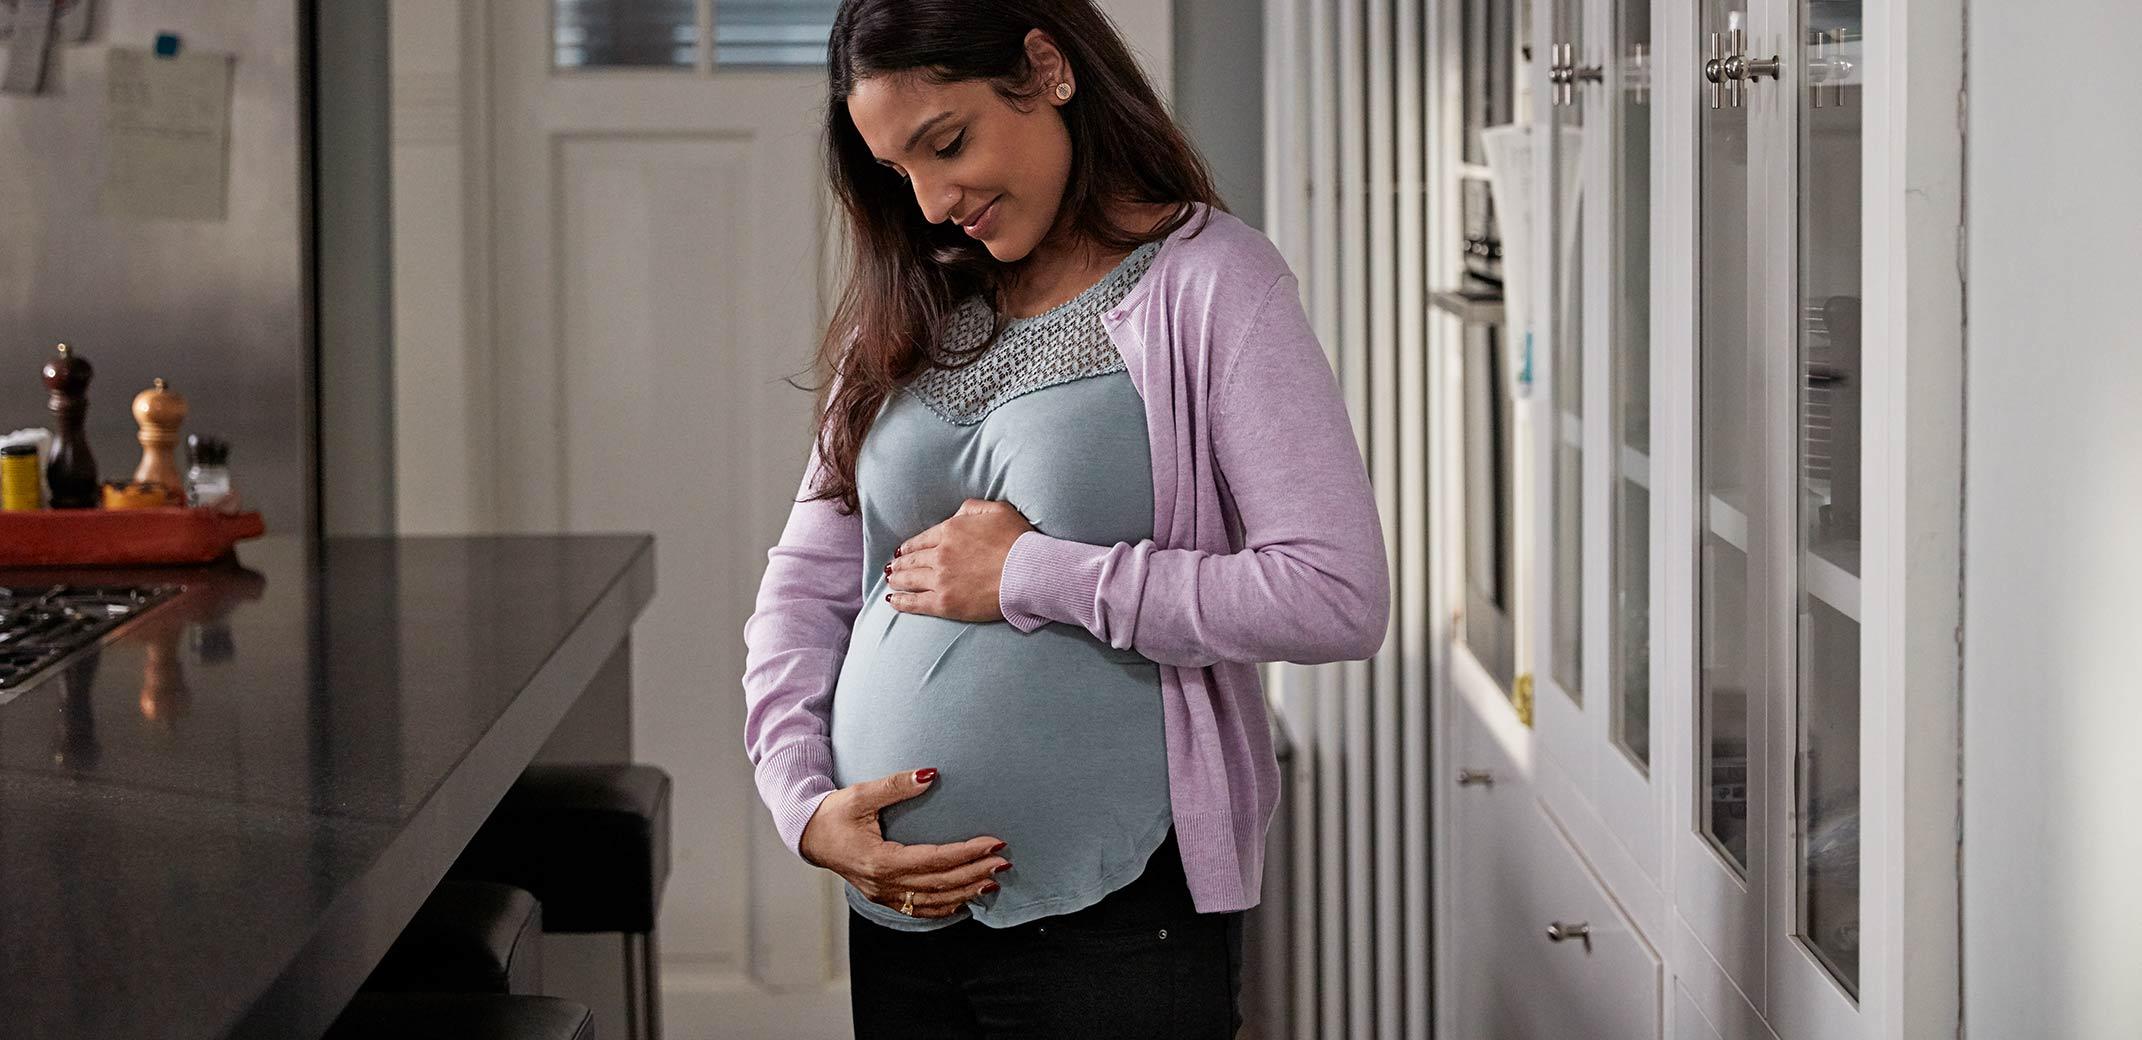 Mulher grávida com mãos na barriga